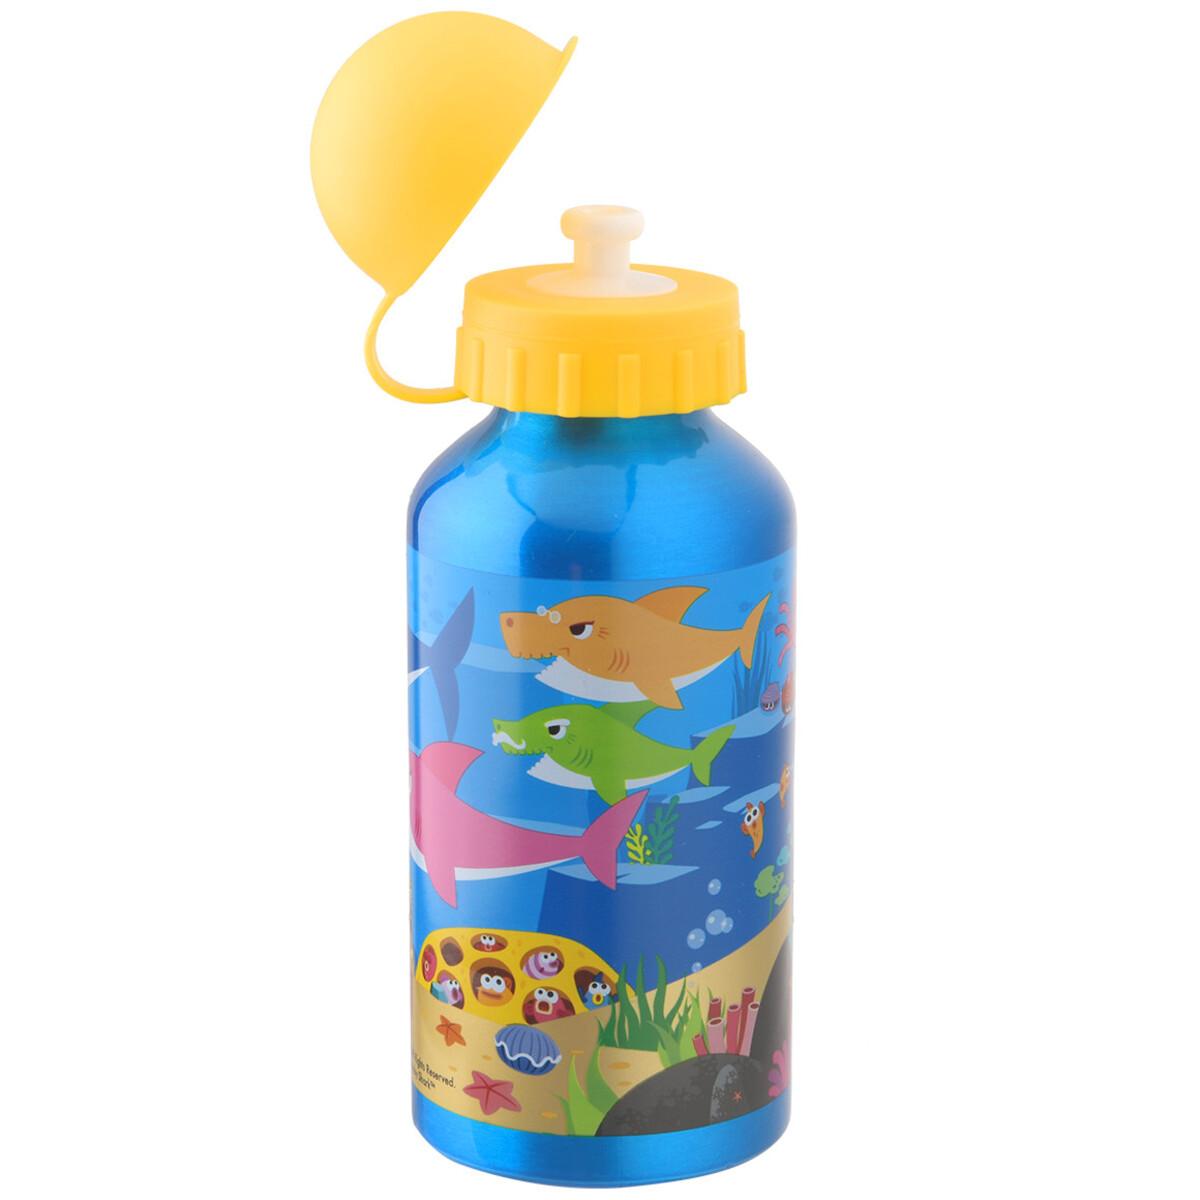 Bild 2 von Baby Shark Trinkflasche